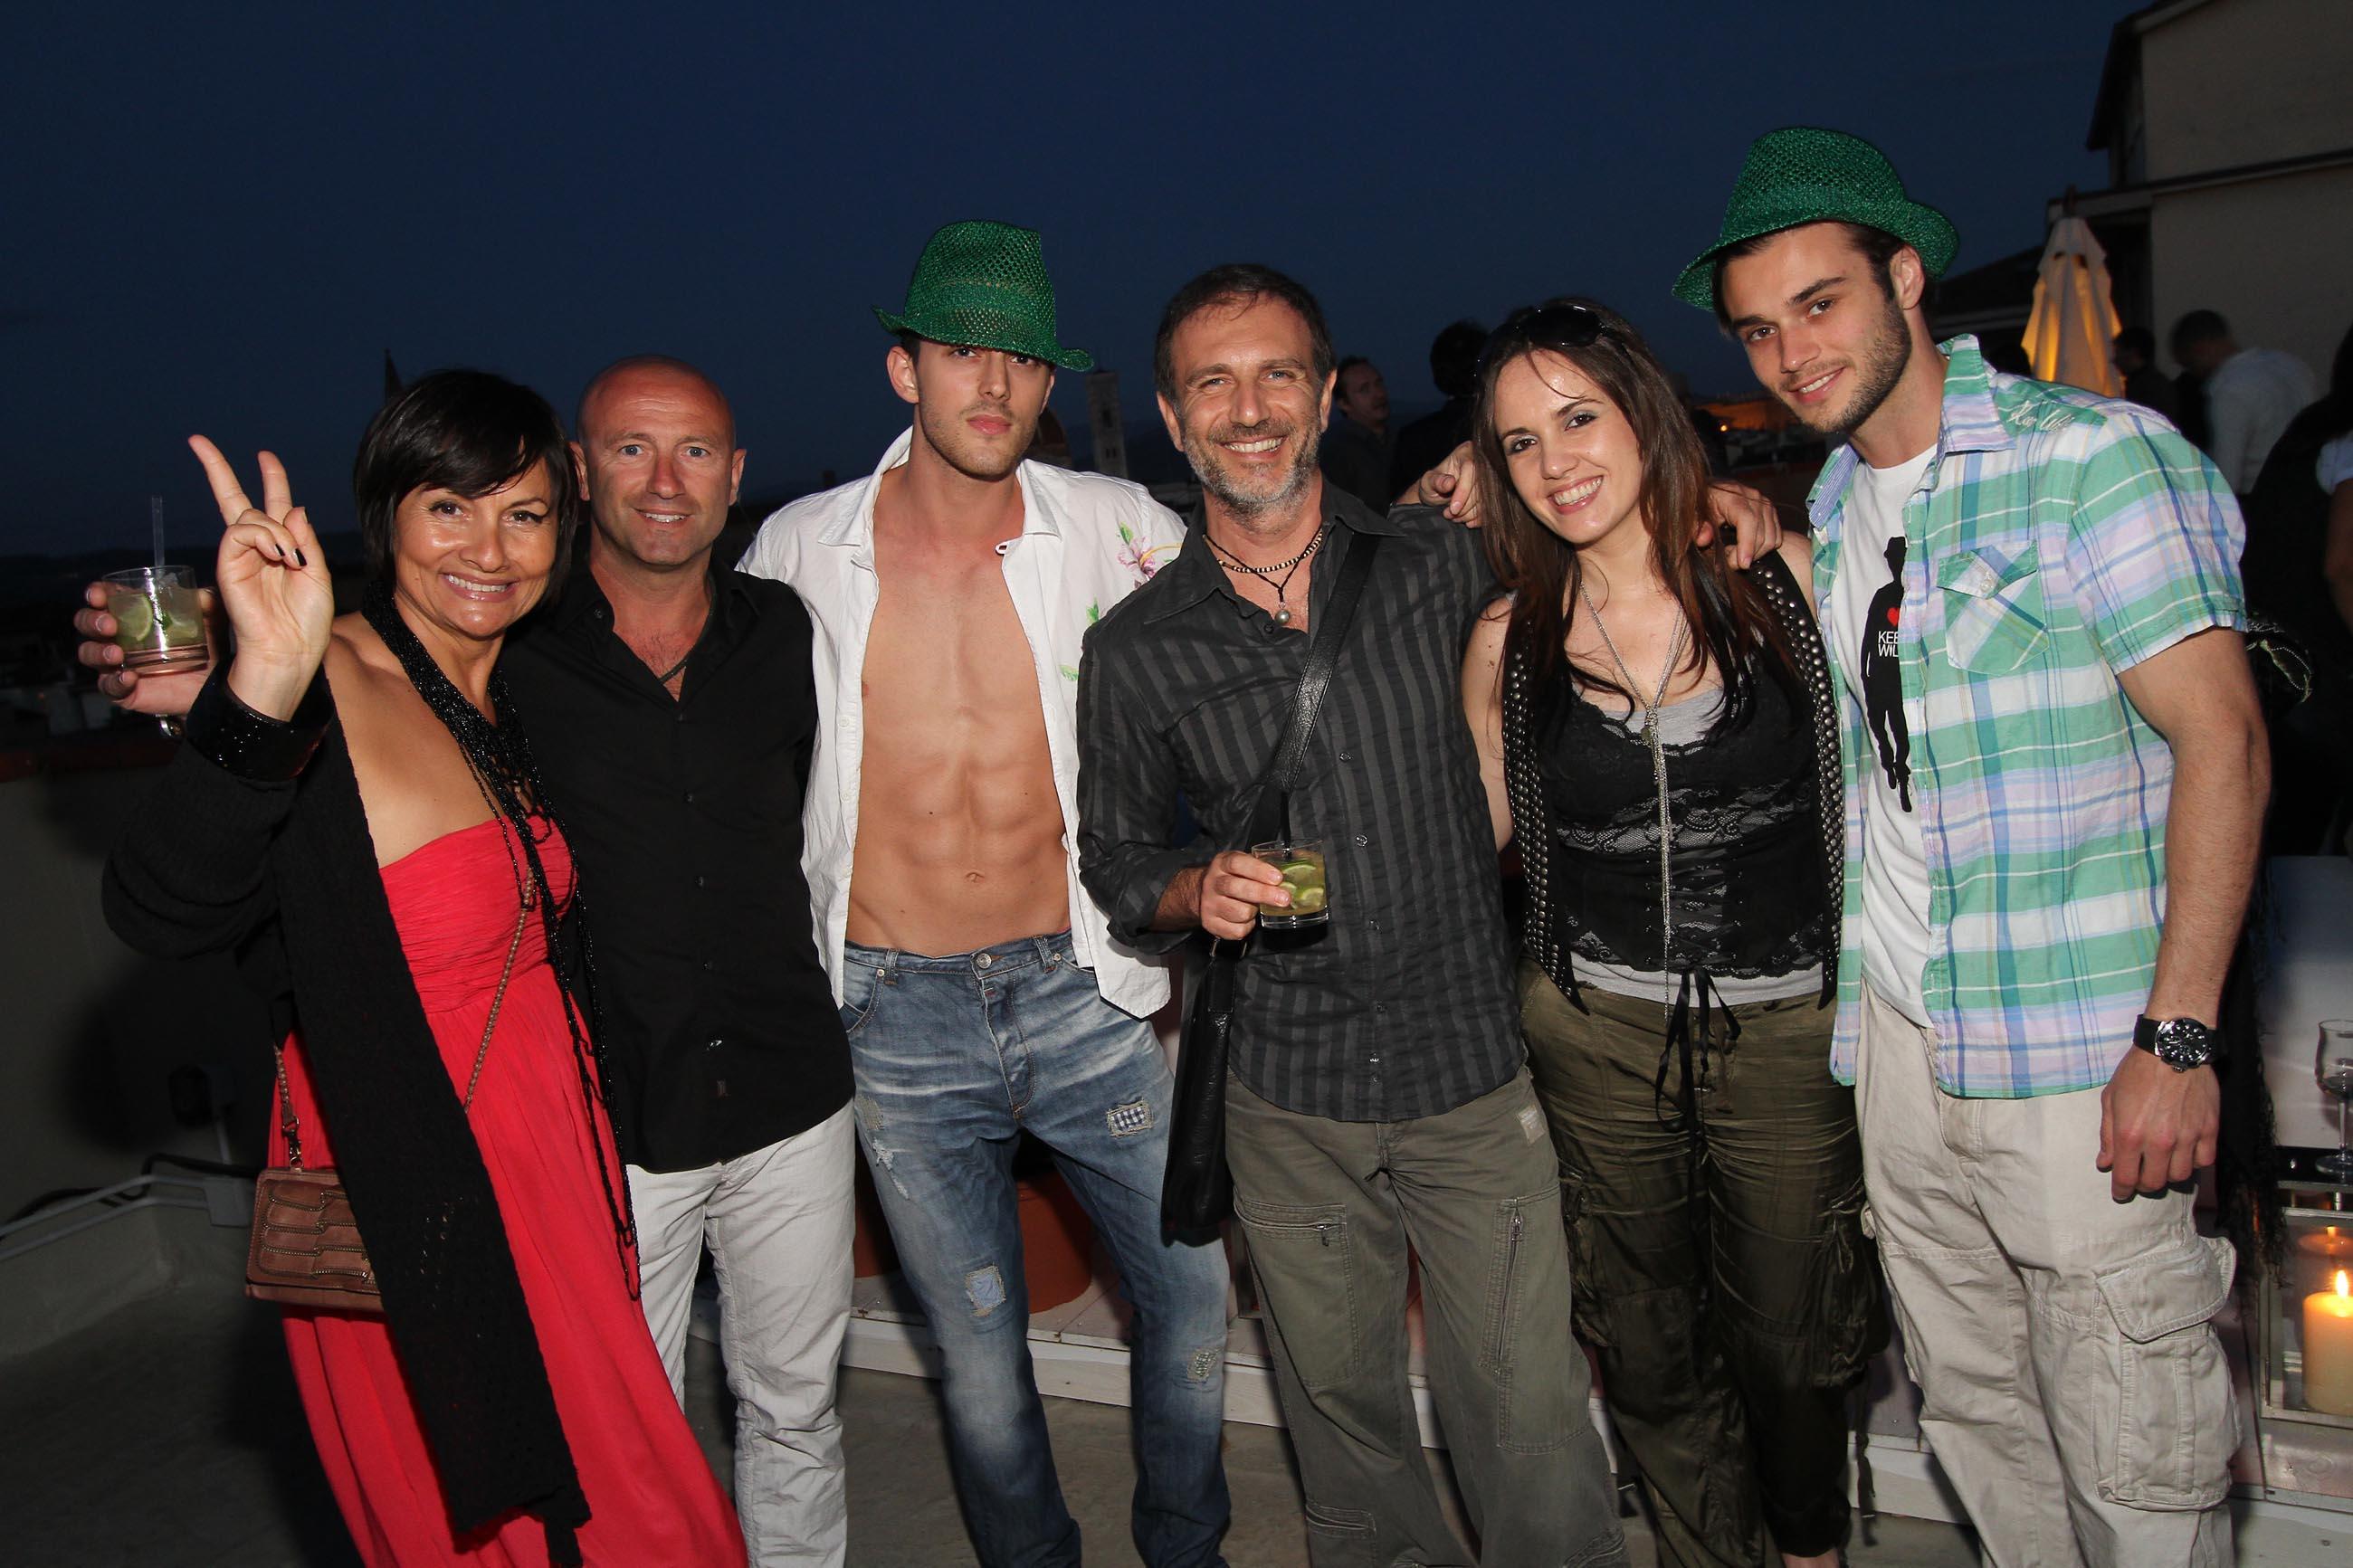 PRESSPHOTO Firenze, Garage Europa, evento Keep Wild. Nella foto Nadia Testi, Barbara Corsi, Massimo Cerchiari, Filippo Nativo, con due modelli (cappello verde)